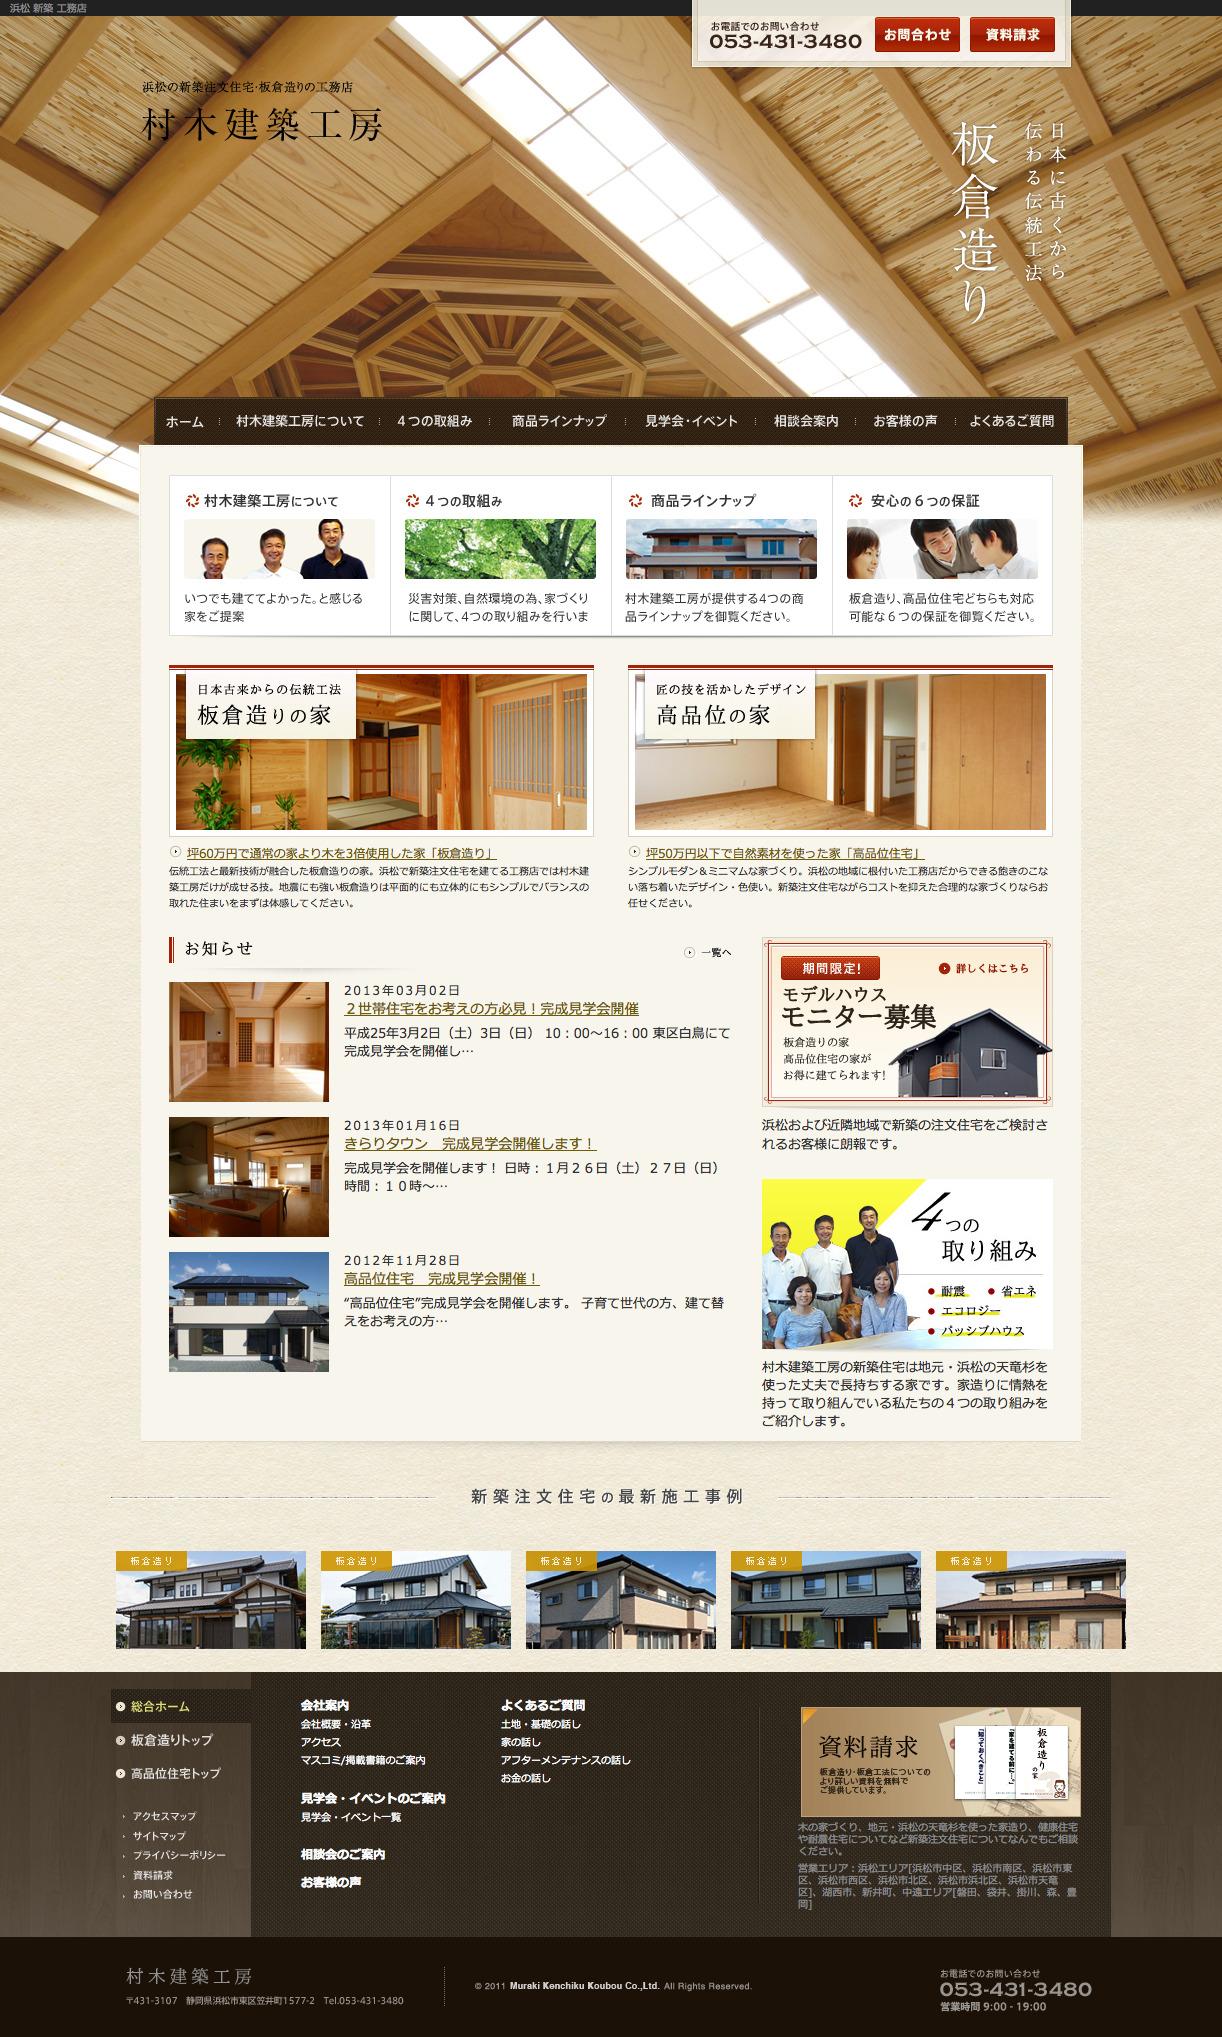 浜松で新築をお考えなら木造住宅の村木建築工房